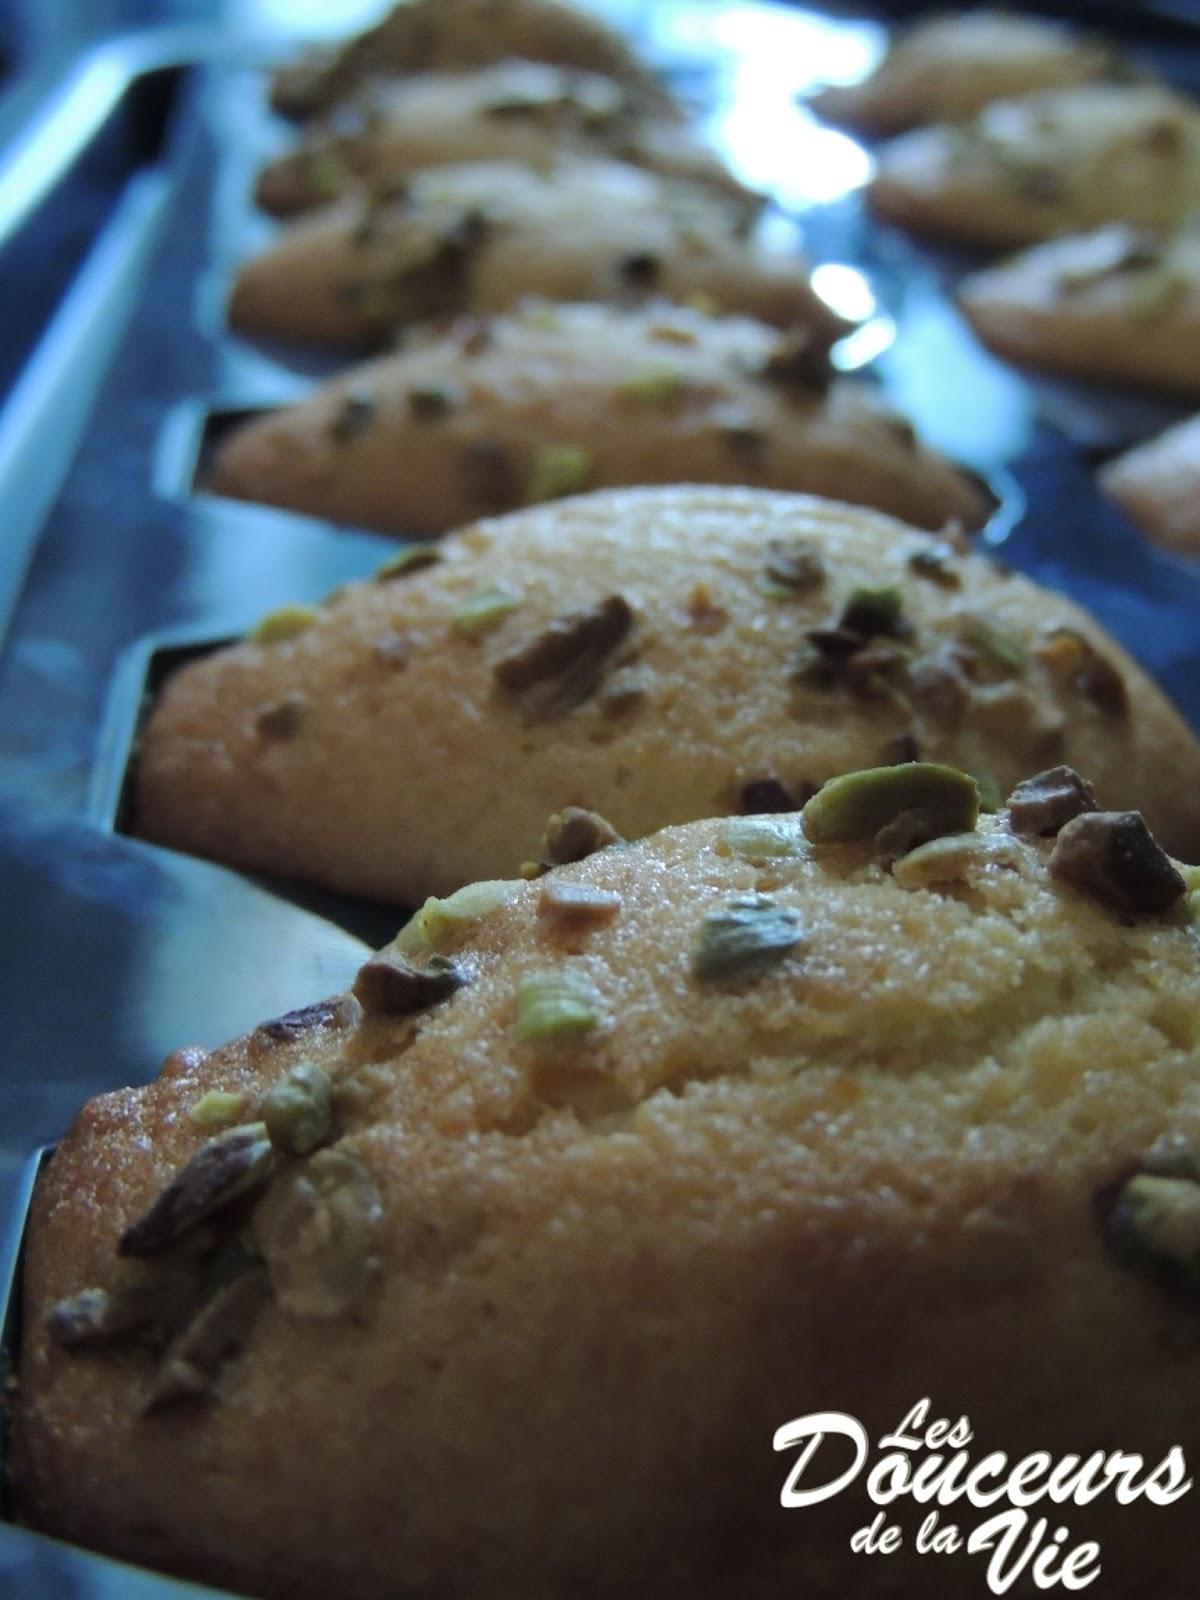 Madeleines au lait r gilait blogs de cuisine for Regilait cuisine